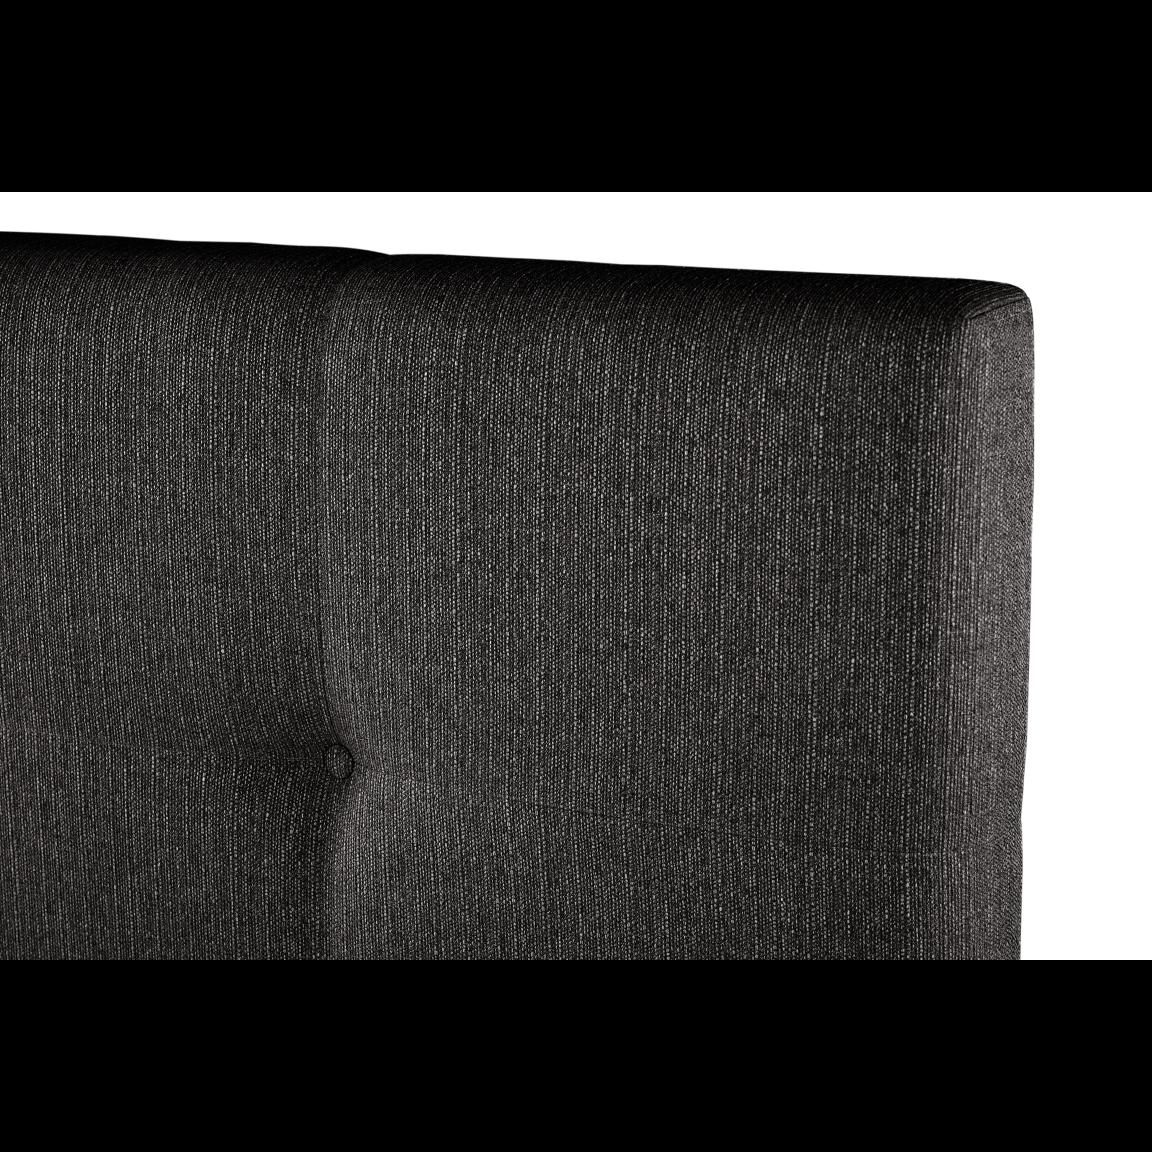 Gepolstertes Bett Cobalt   Dunkelgrau-140 x 200 cm